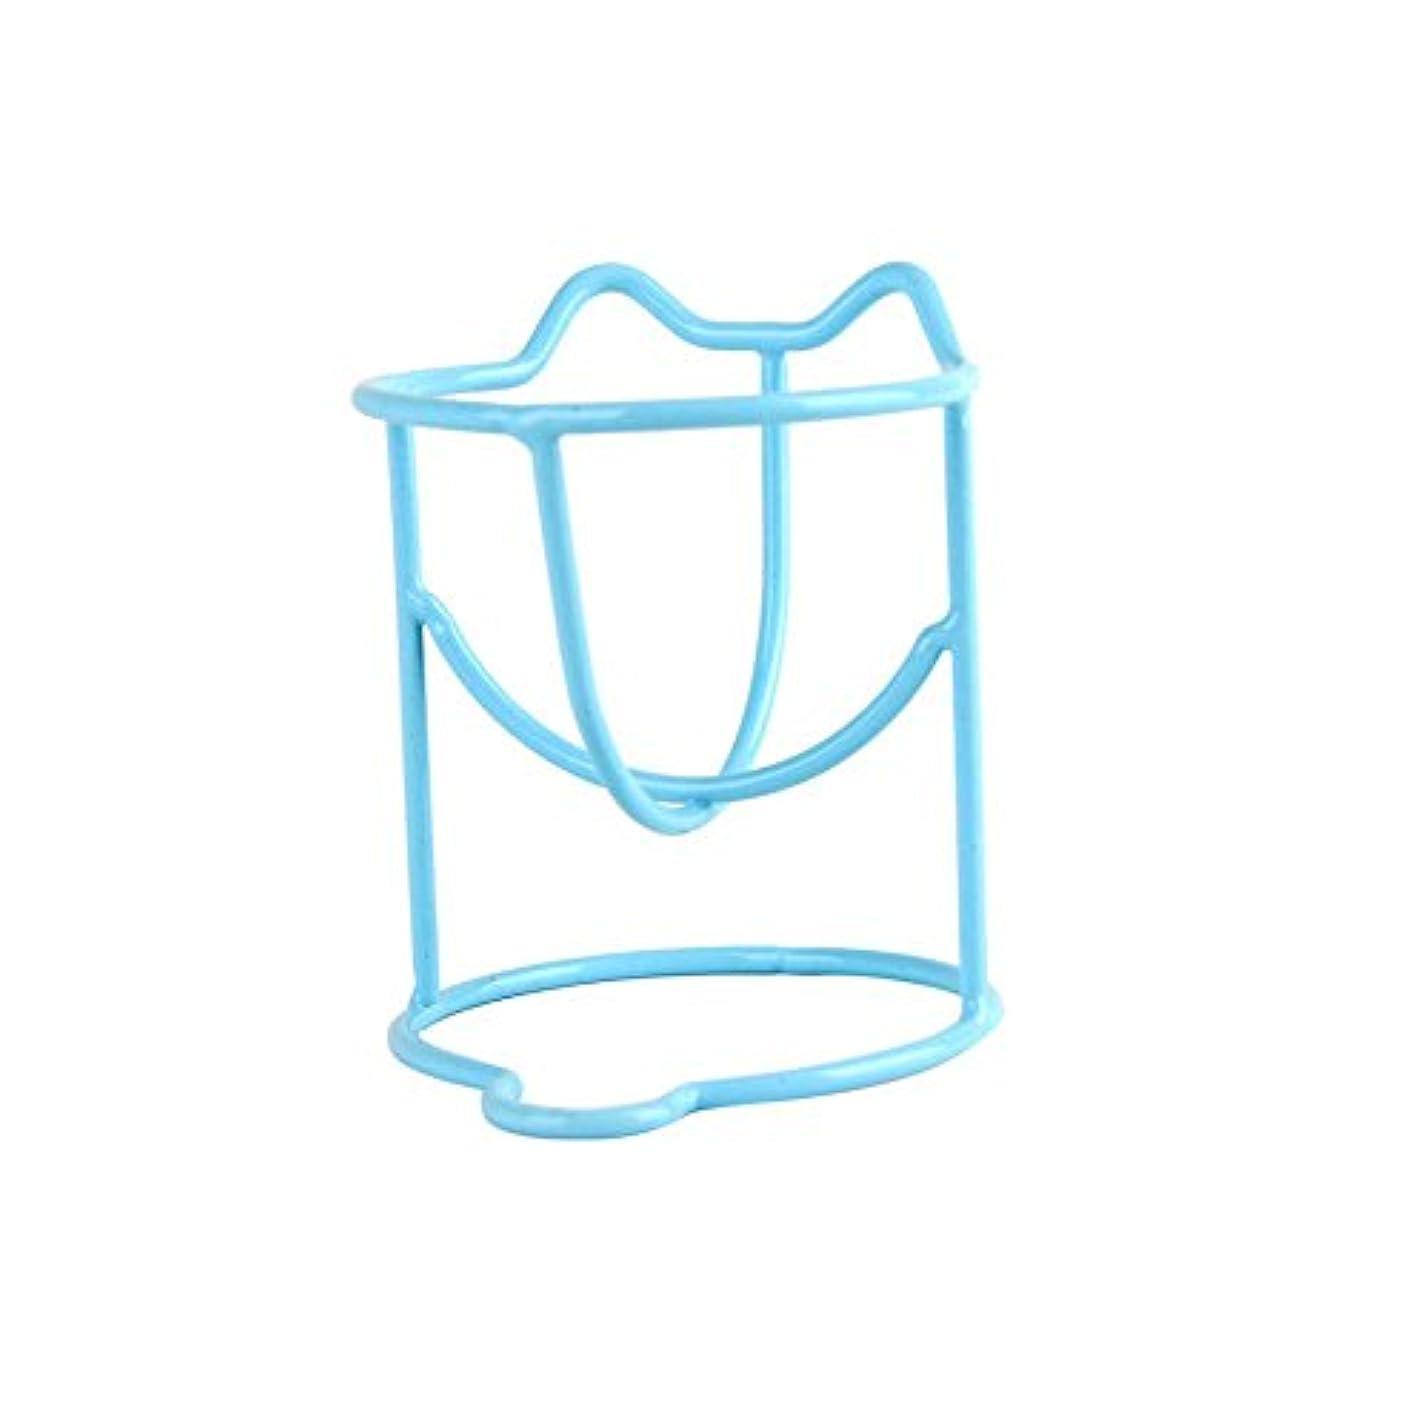 カタログキャロラインところで2つの乾燥ホルダーラックファッションメイク卵パウダーパフスポンジディスプレイスタンドのセット